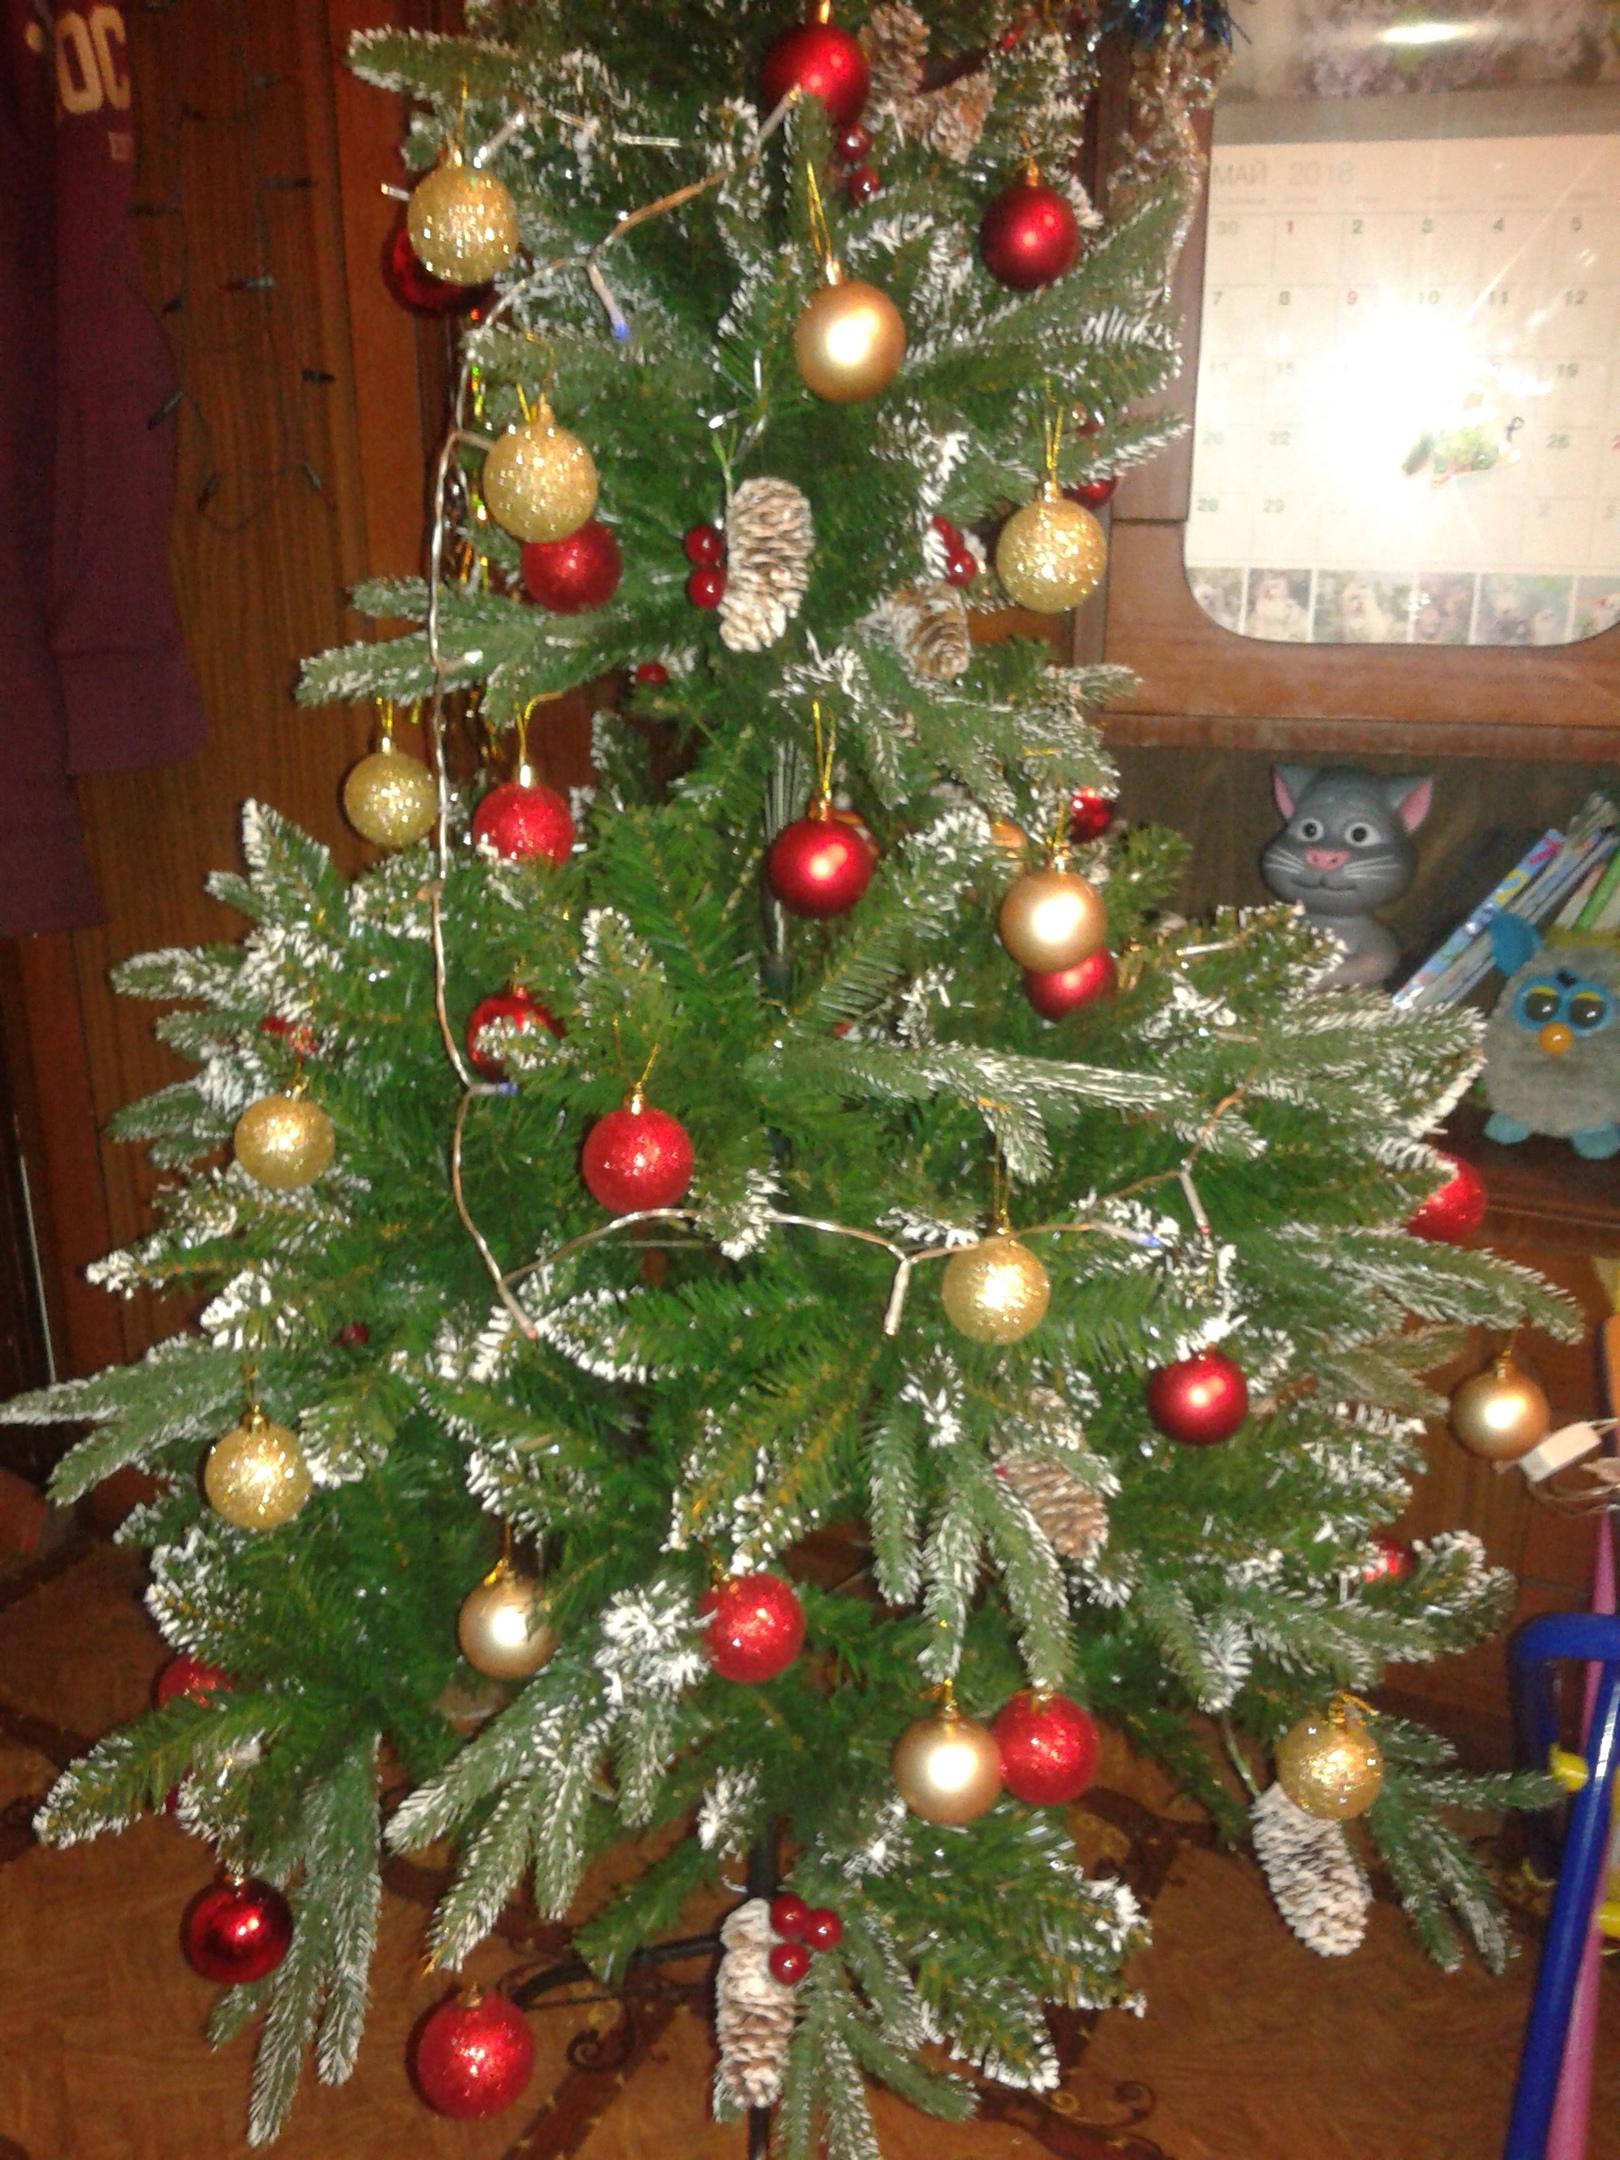 вот моя елочка красивая и нарядная. Блиц: Ну и елка!